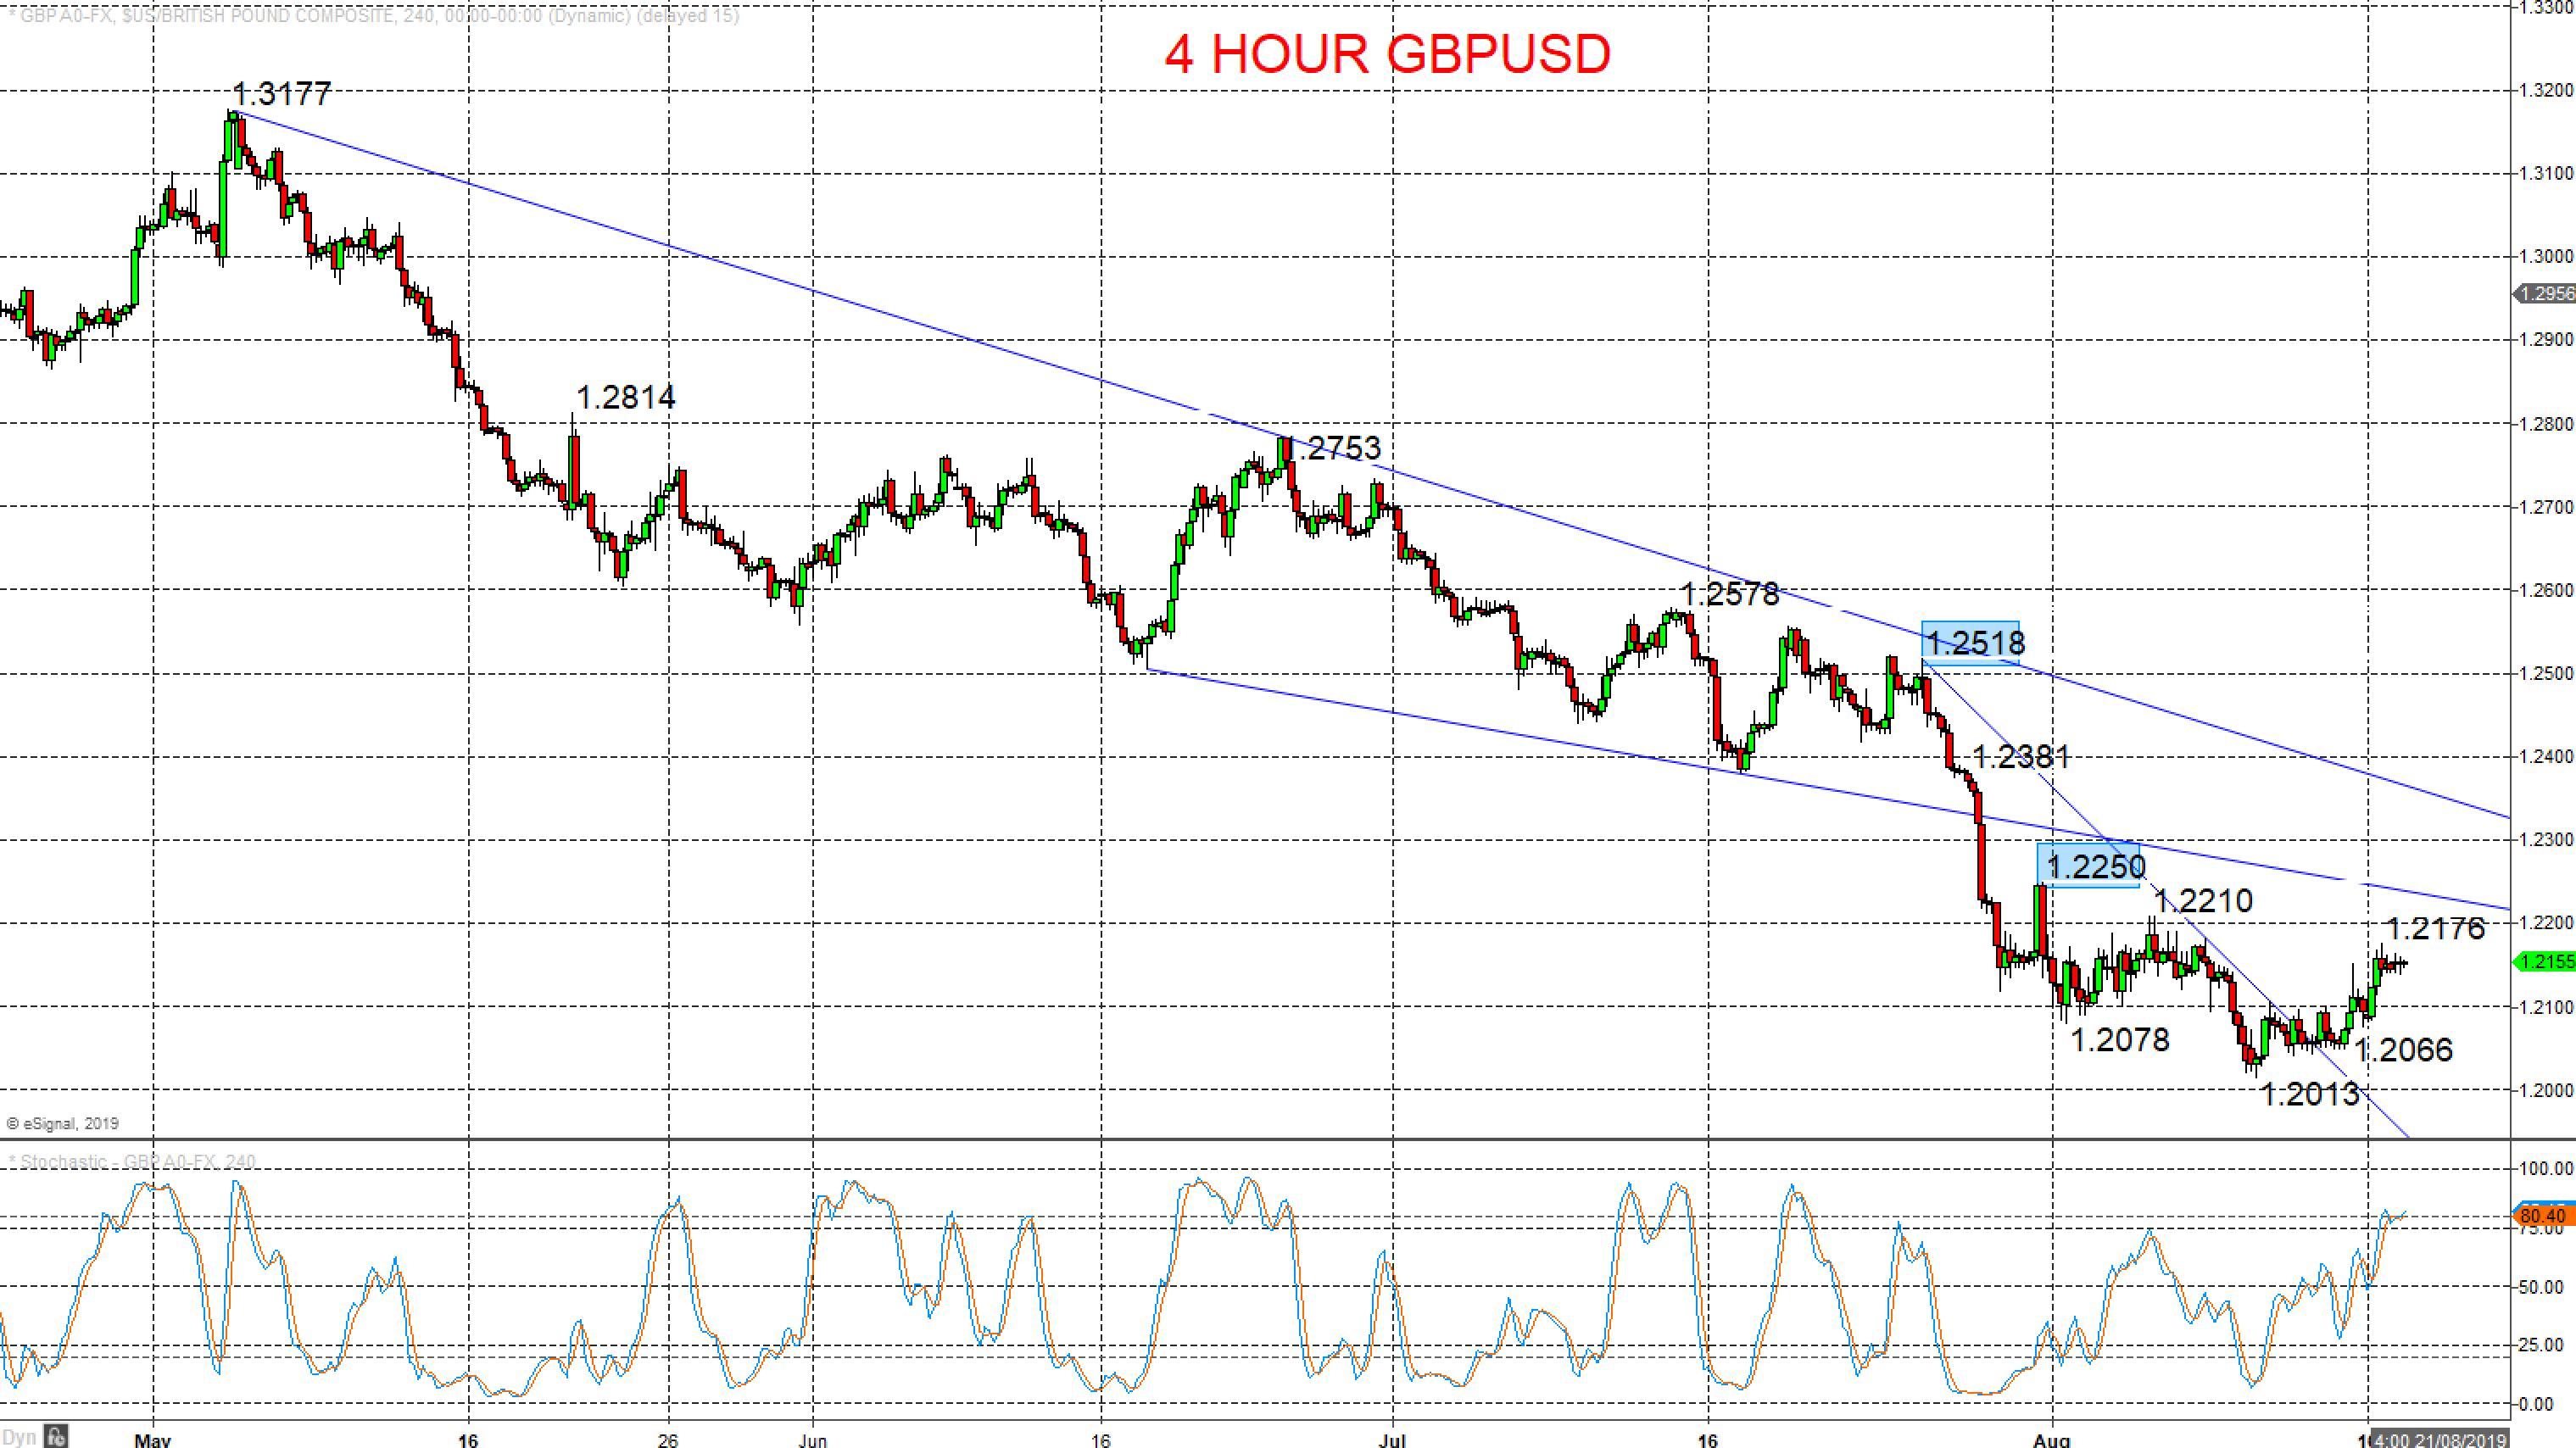 4 Hour GBPUSD Chart